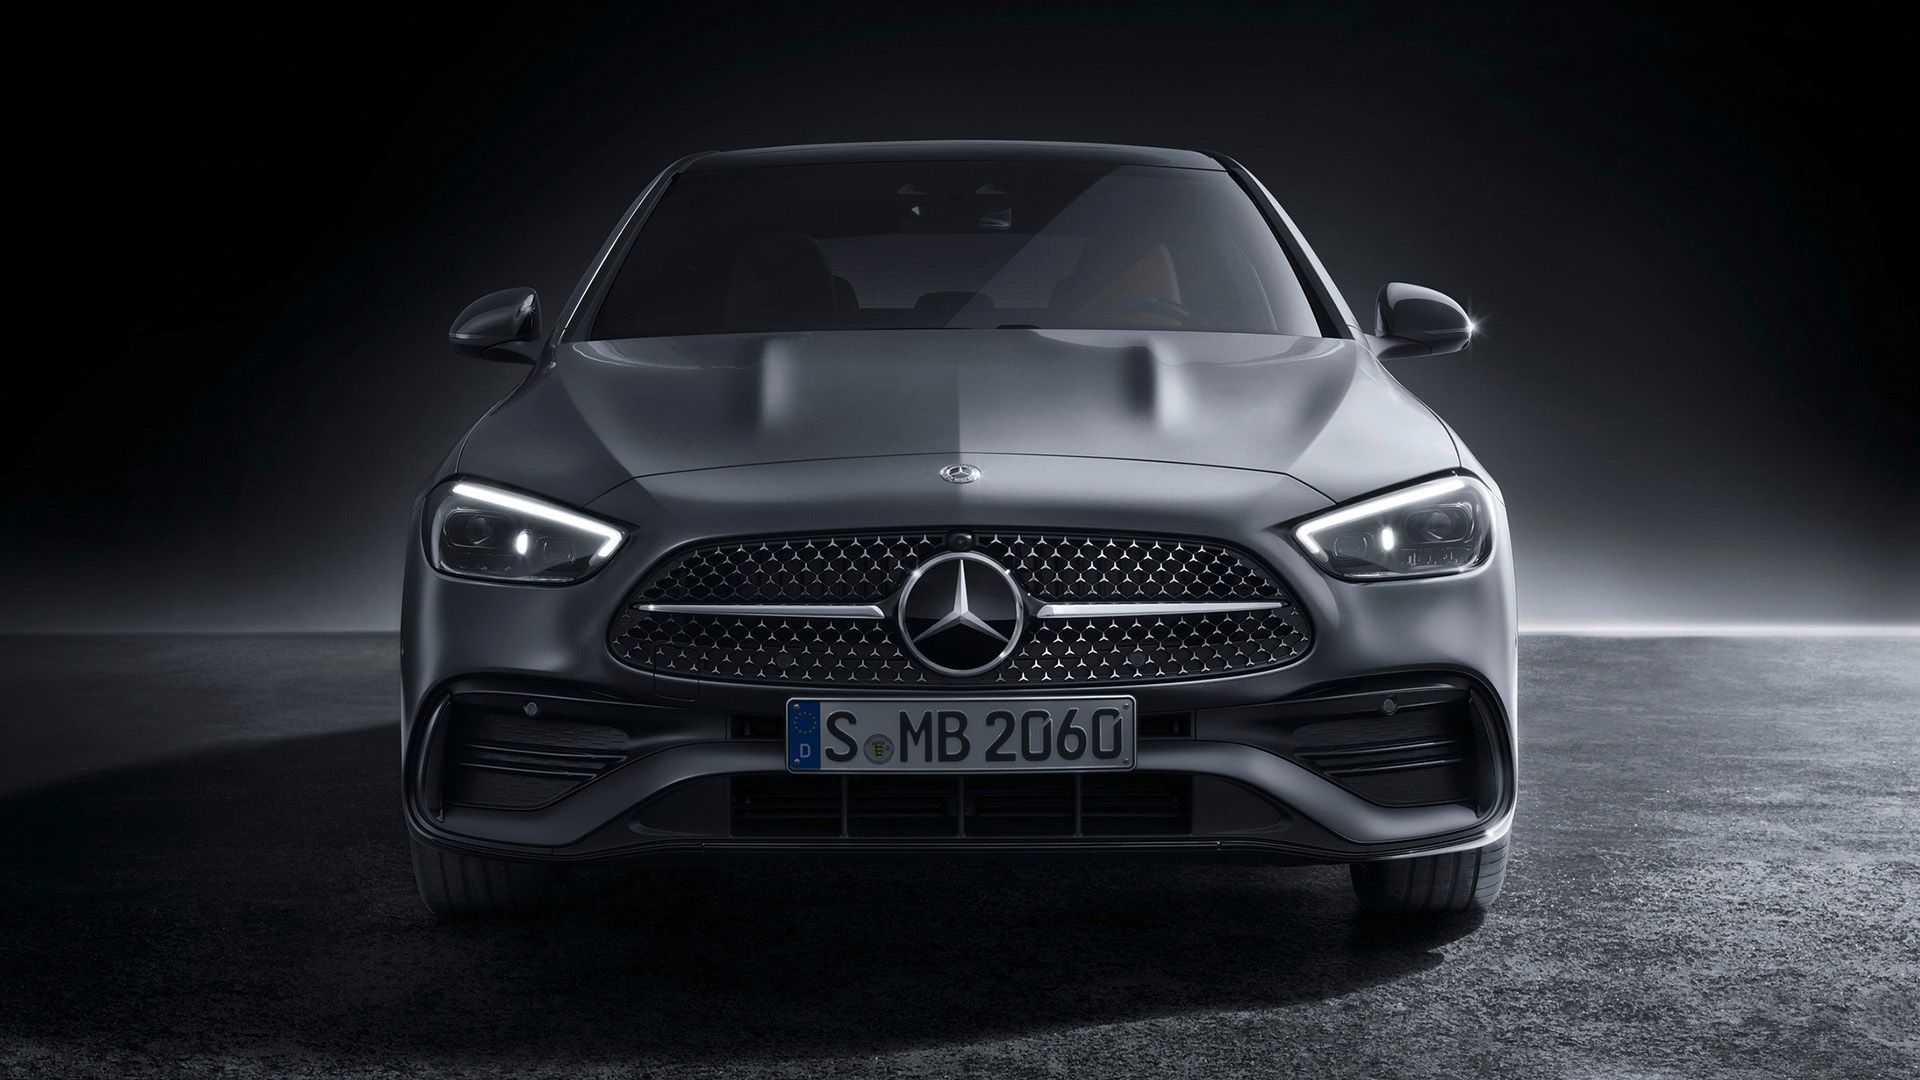 Новый Mercedes-Benz C-Class дебютировал на этой неделе, а буквально сегодня СМИ узнали, что в линейке появится батарейная версия. Правда, случится это через несколько лет.